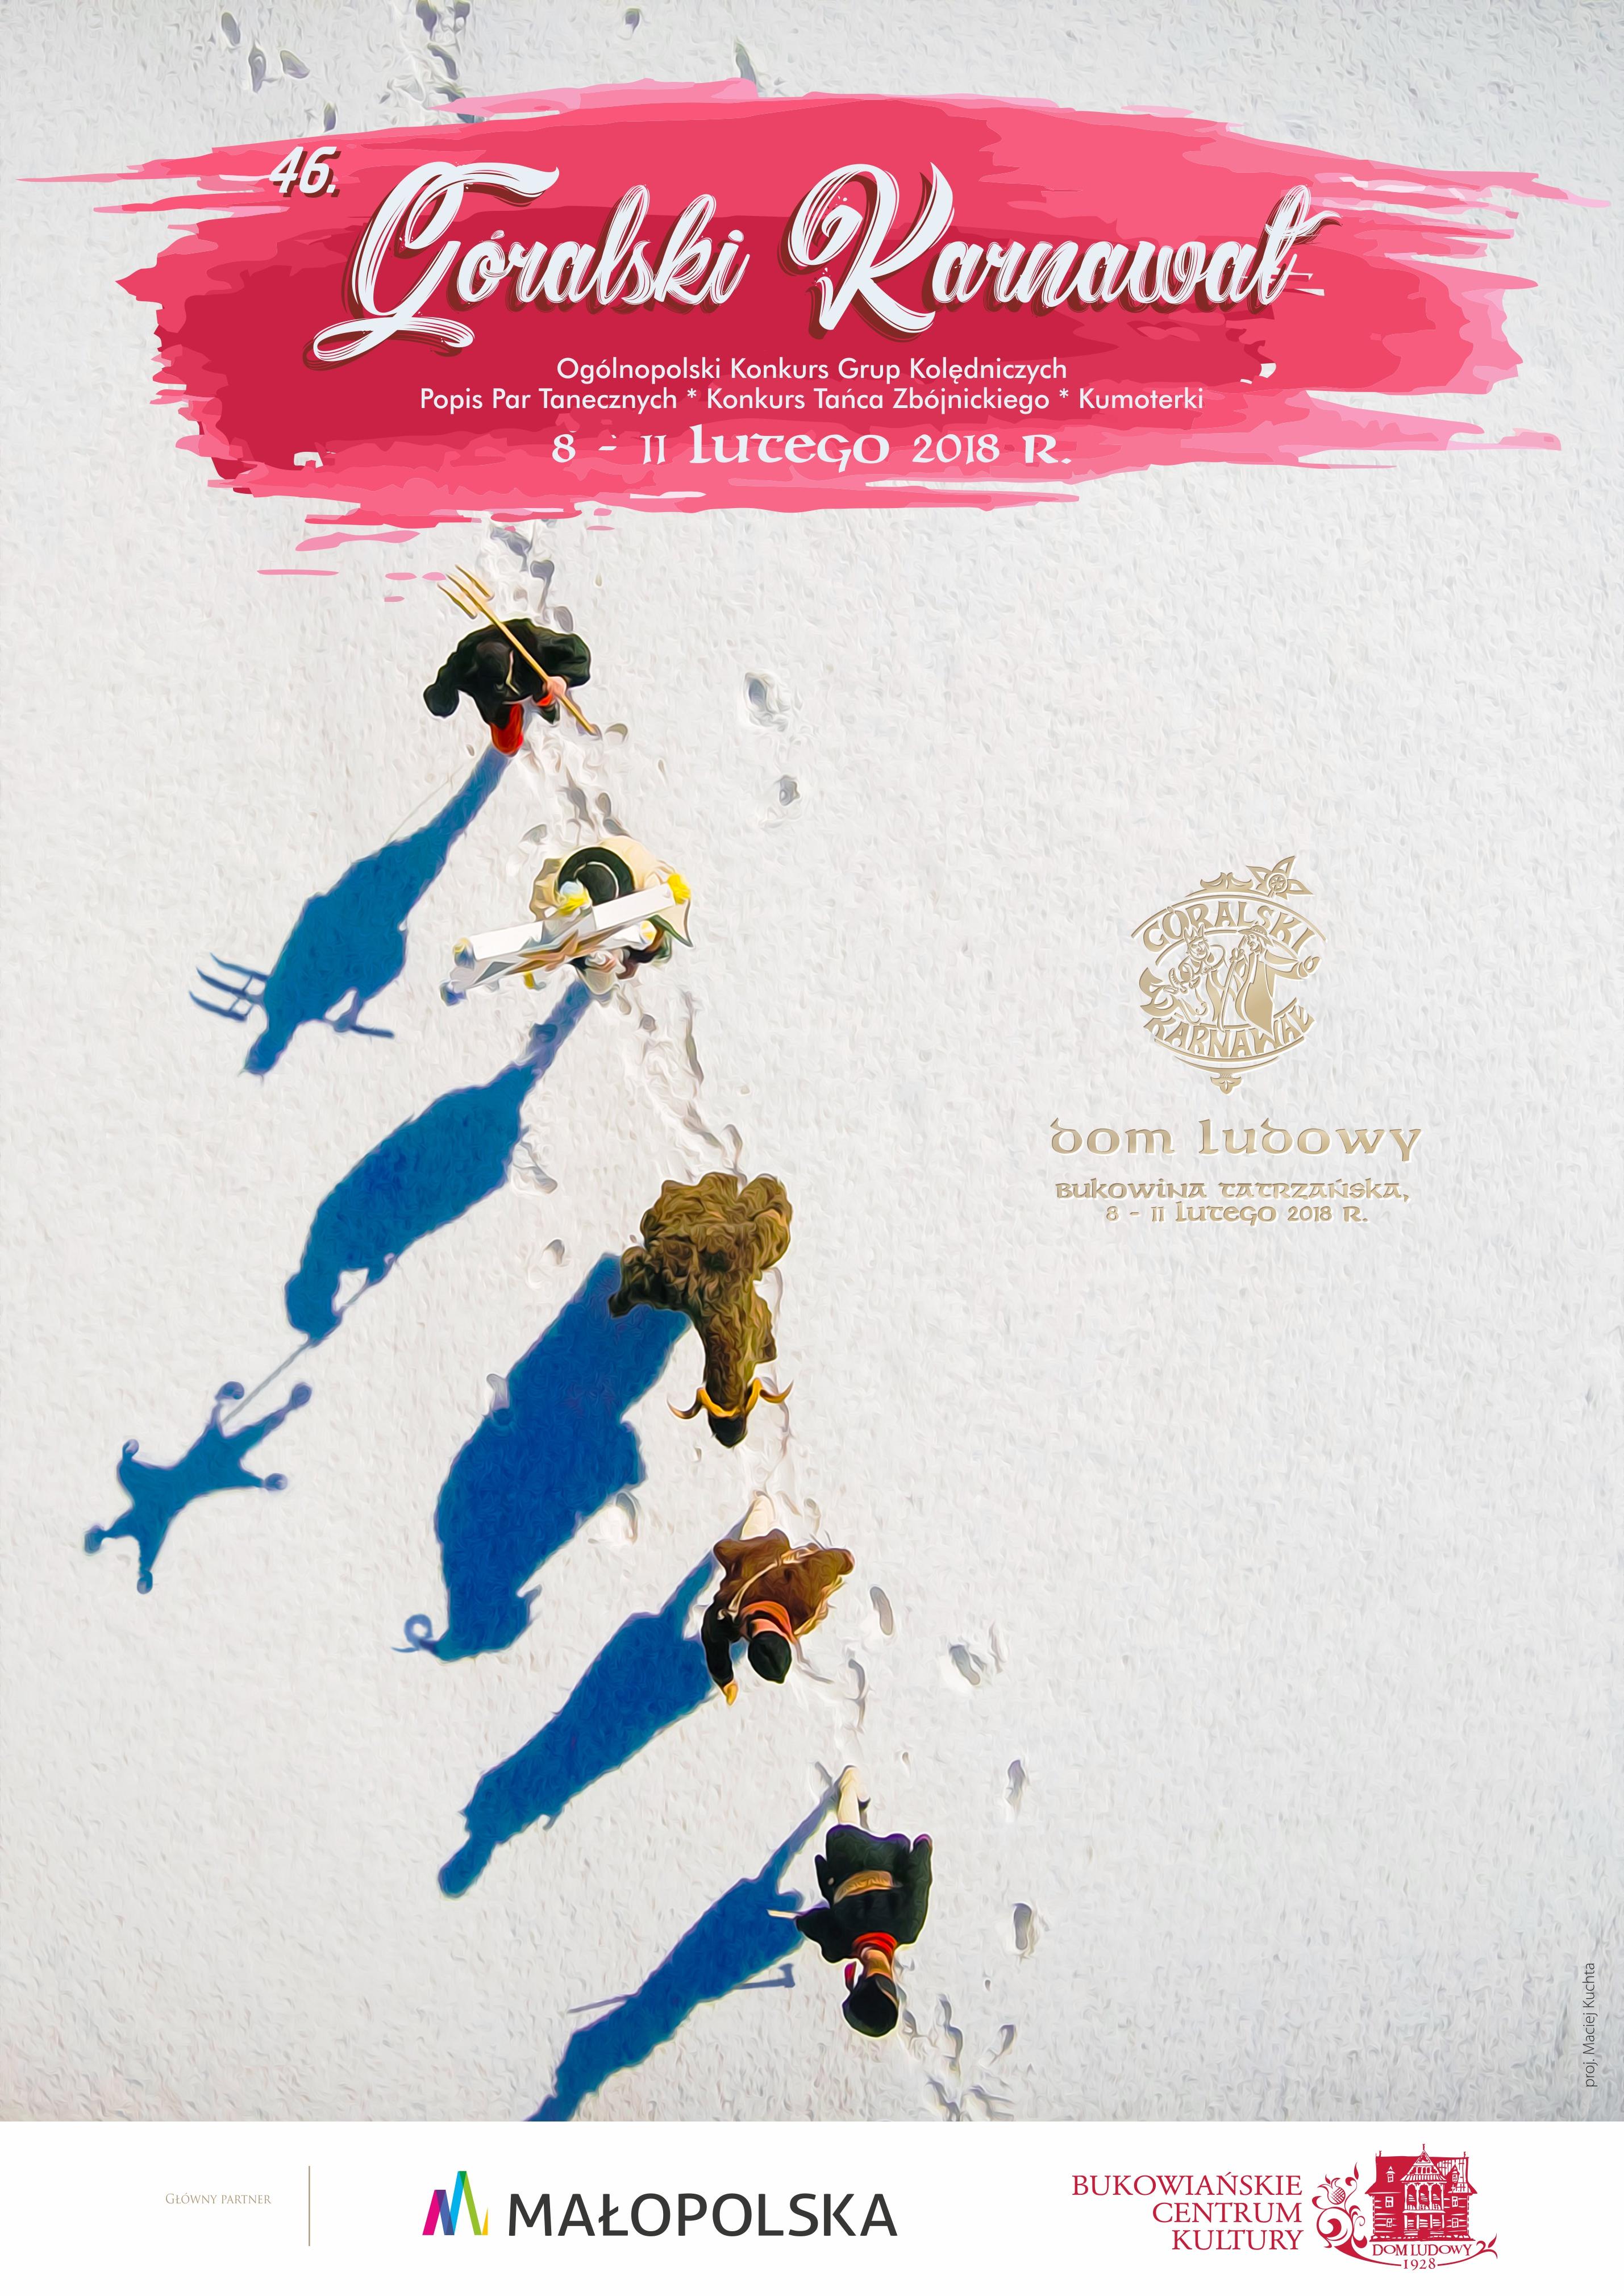 Plakat 46. Góralskiego Karnawału